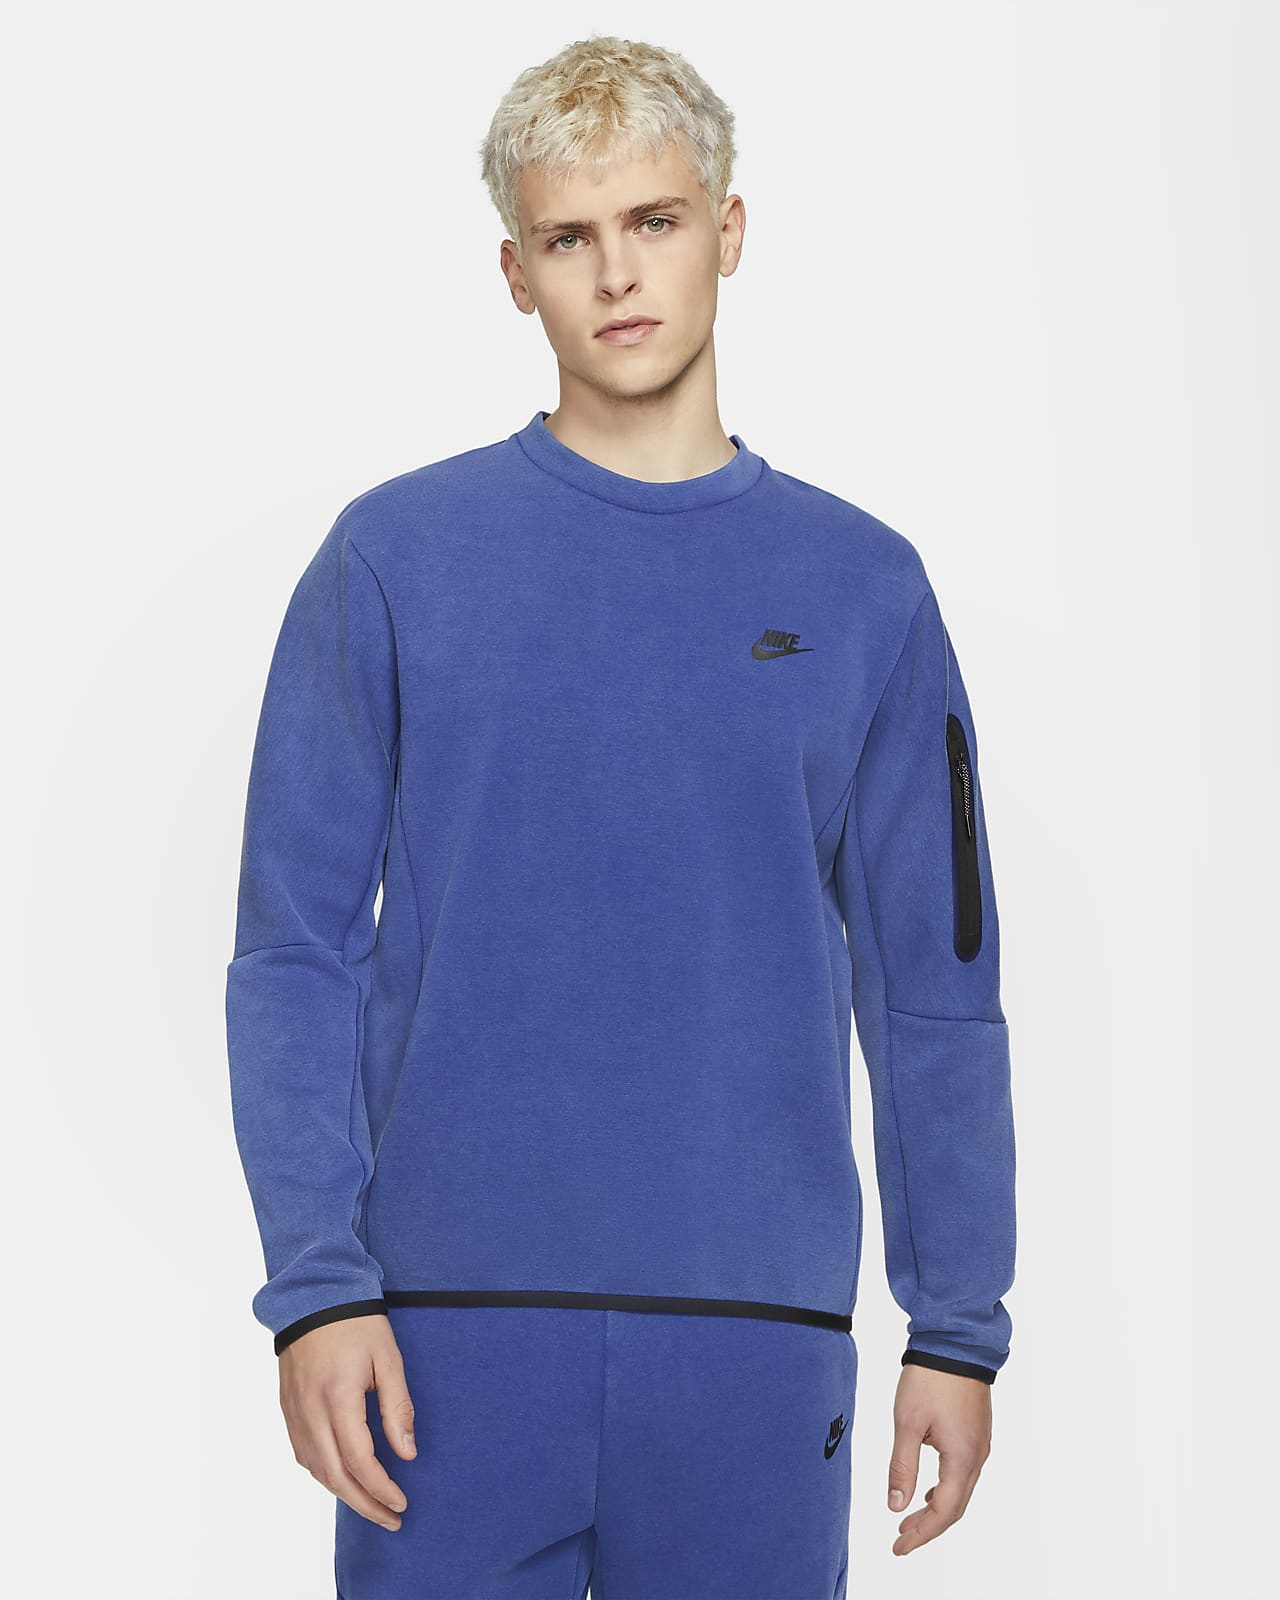 Nike Sportswear Tech Fleece Herren-Rundhalsshirt im Washed-Look